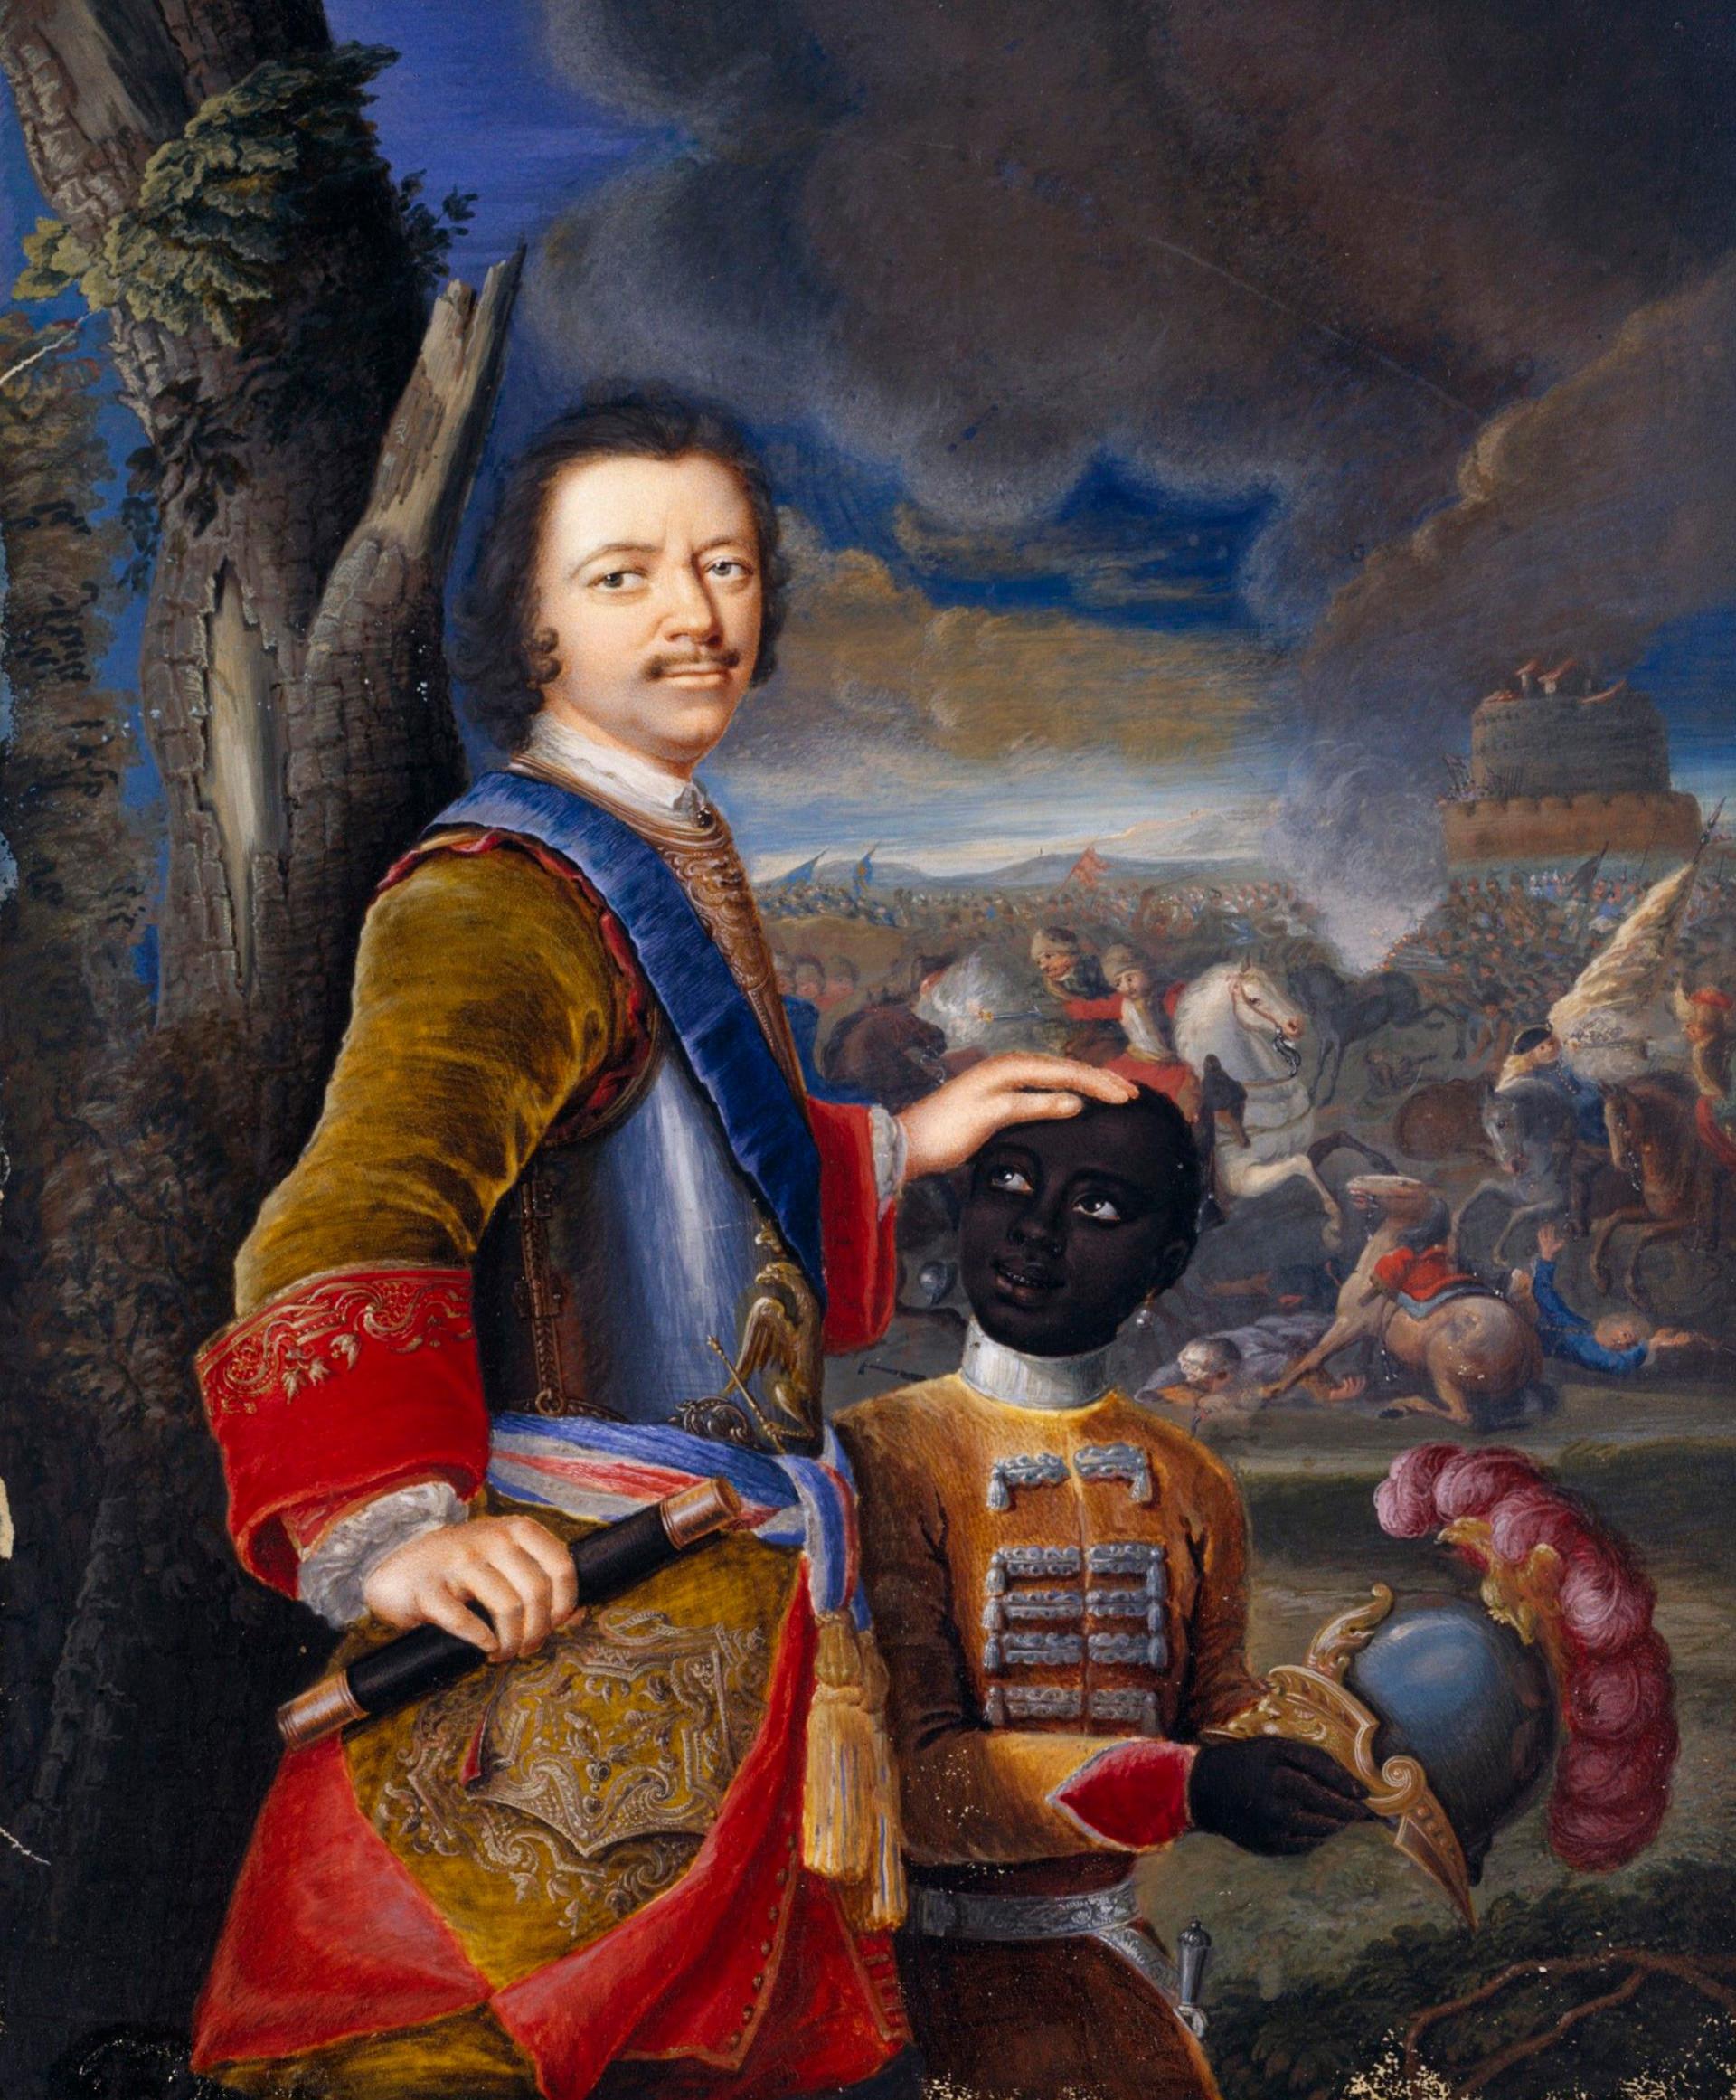 Retrato de Pedro, o grande, com um criado negro.